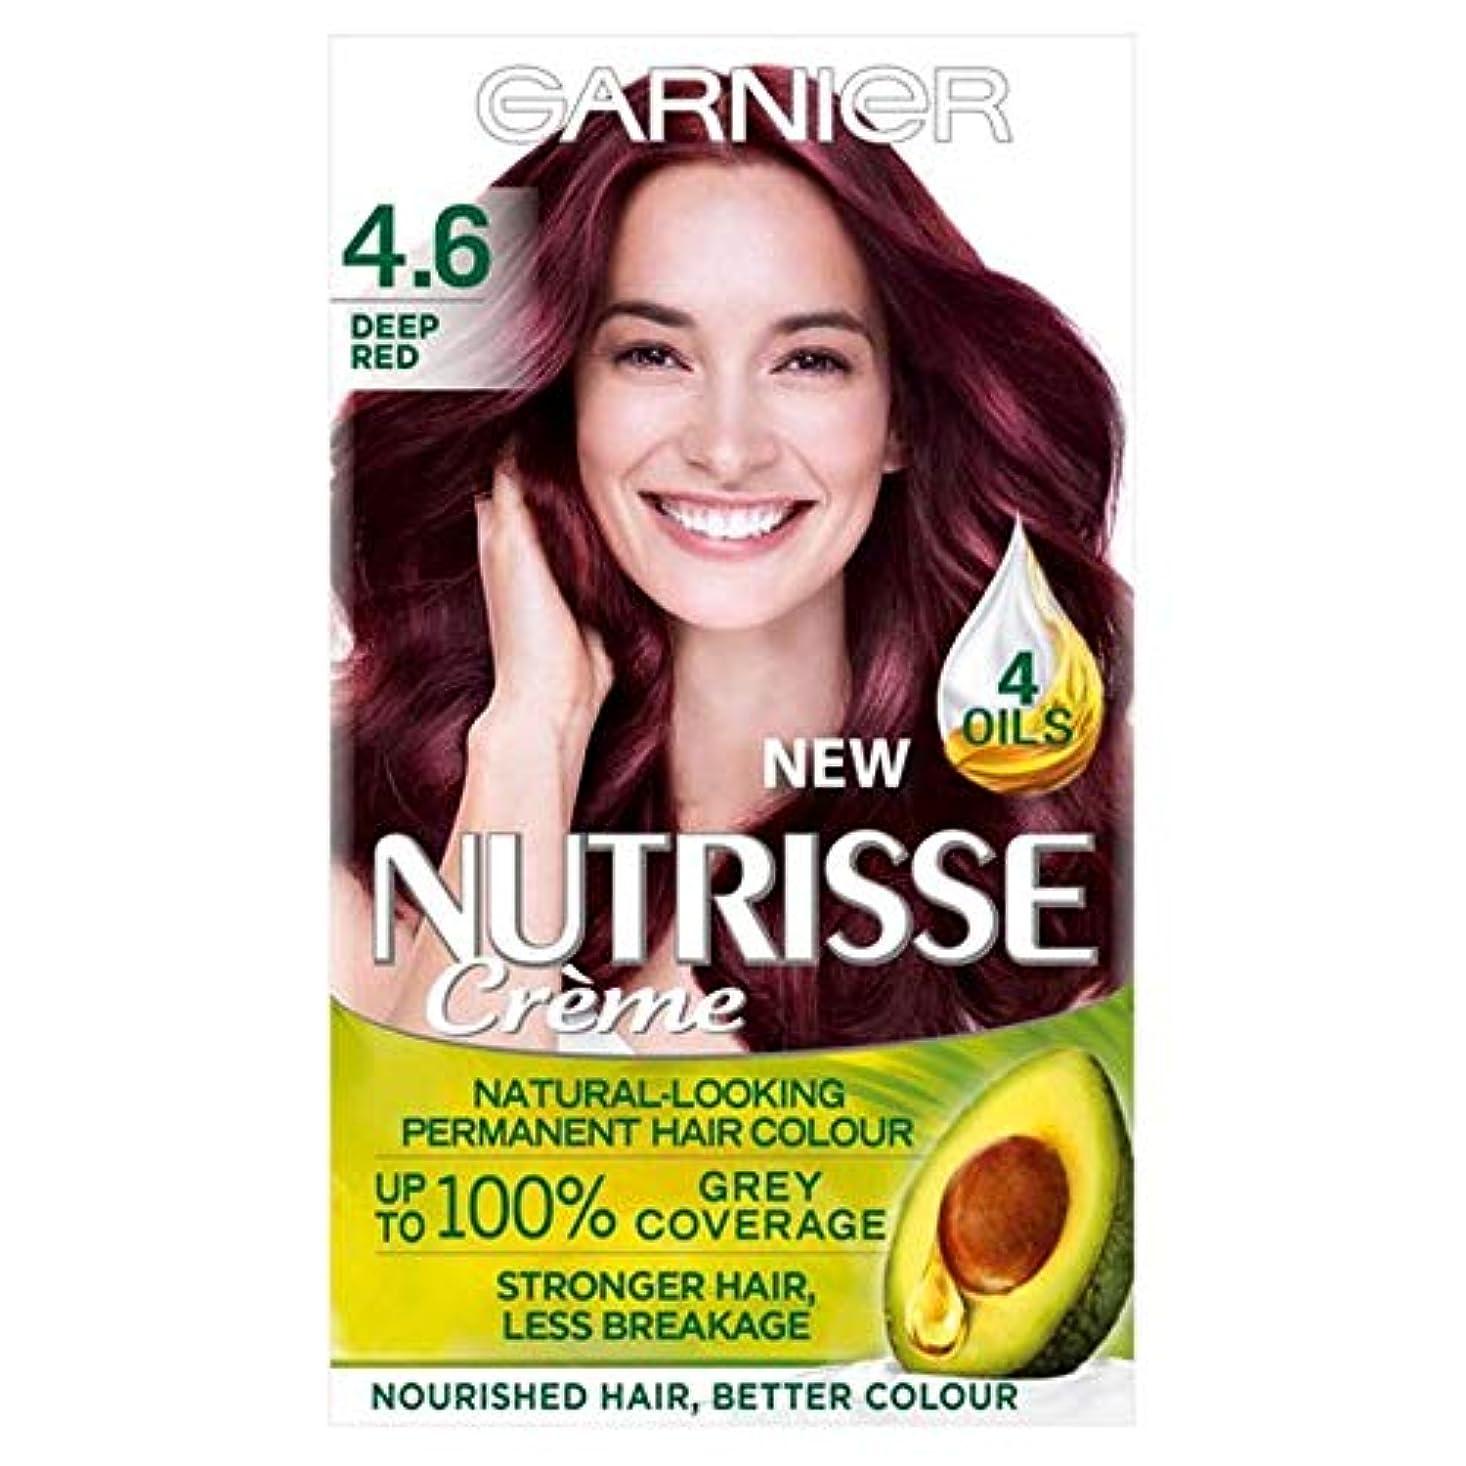 家主ハウジングマリナー[Nutrisse] ガルニエNutrisse 4.6深紅パーマネントヘアダイ - Garnier Nutrisse 4.6 Deep Red Permanent Hair Dye [並行輸入品]